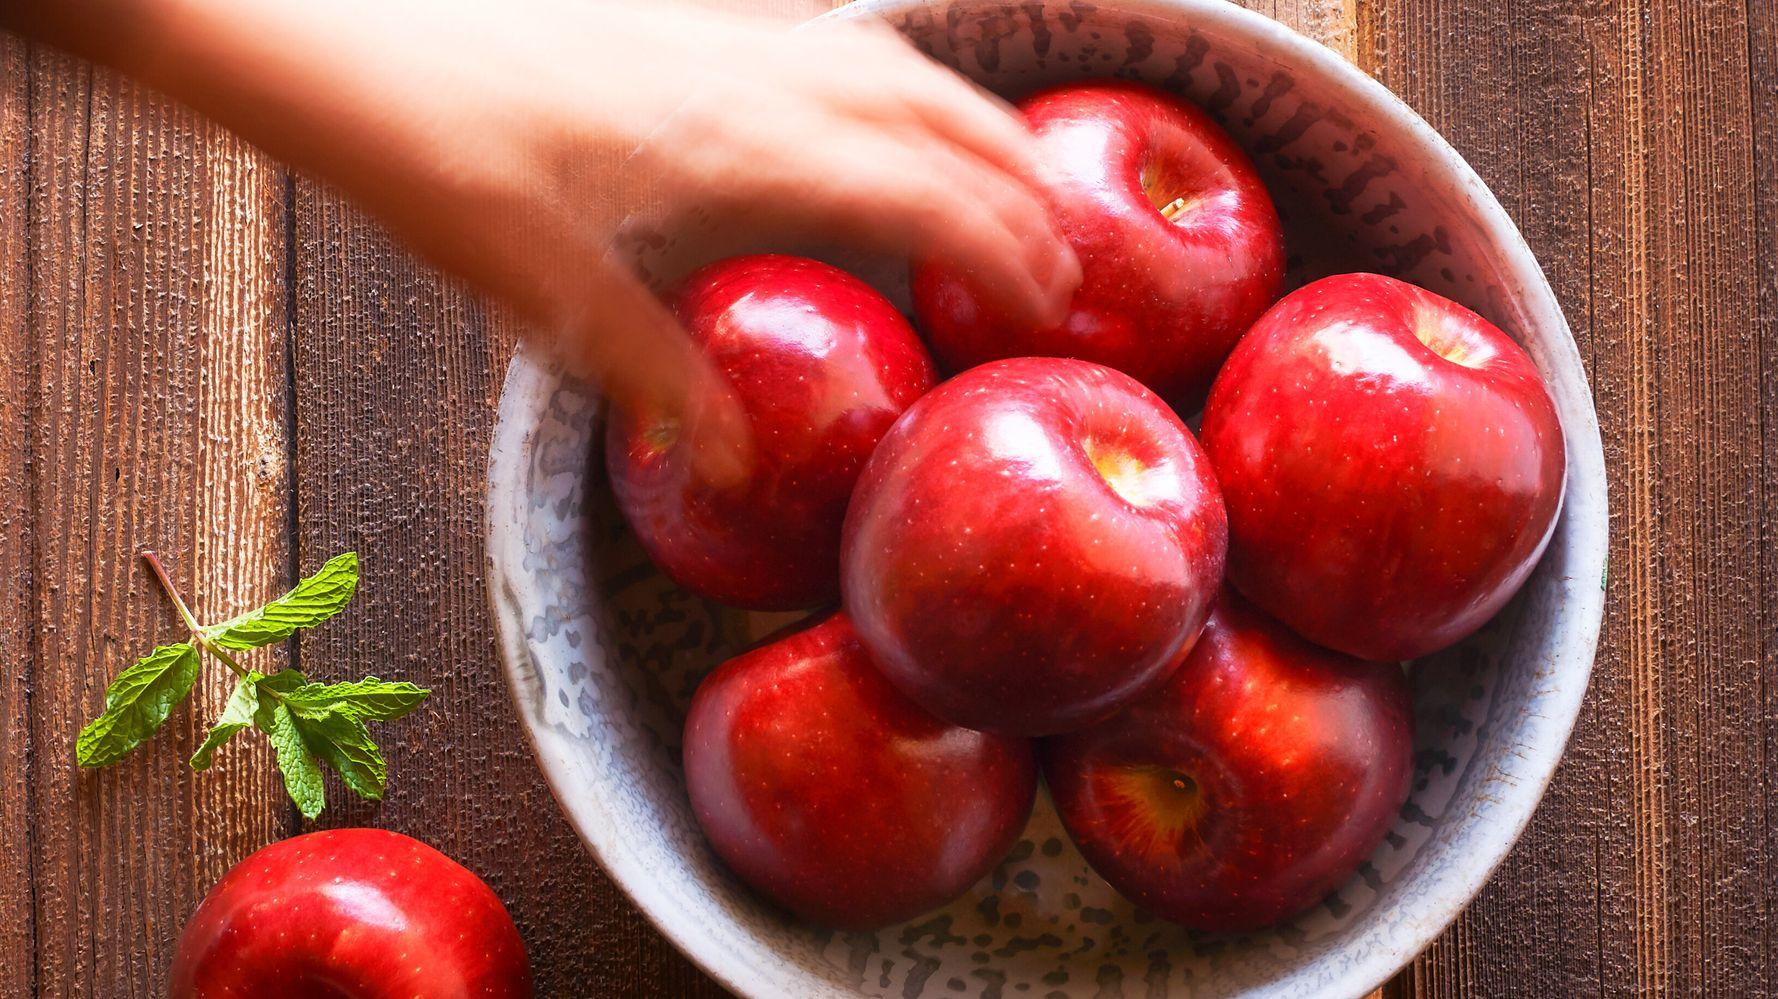 Cosmic 'Ultra-crisp, very juicy' apple variety to debut in stores in December